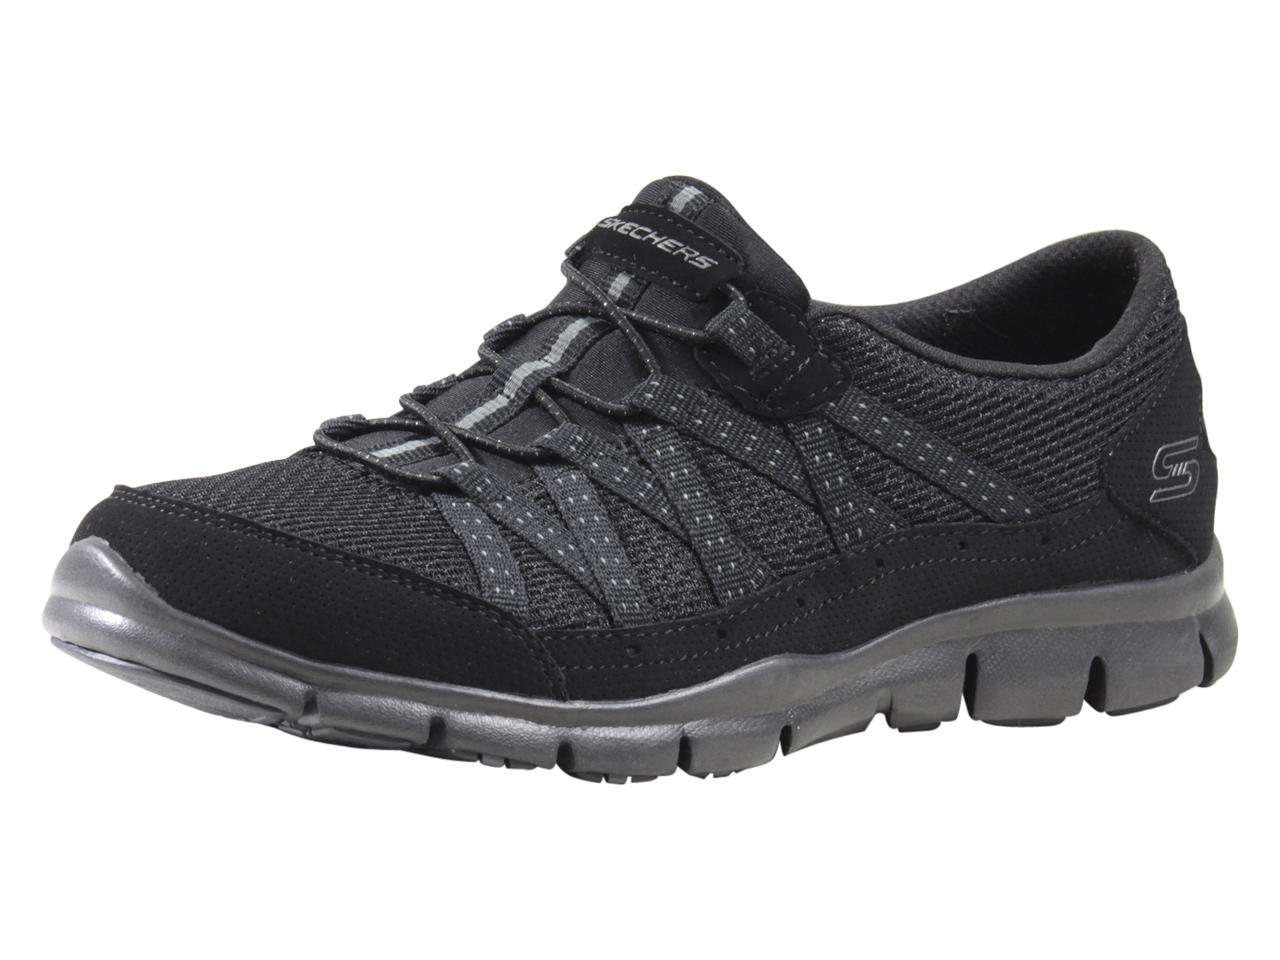 Details about Skechers Flex Women's Gratis Strolling Black Memory Foam Sneakers Shoes